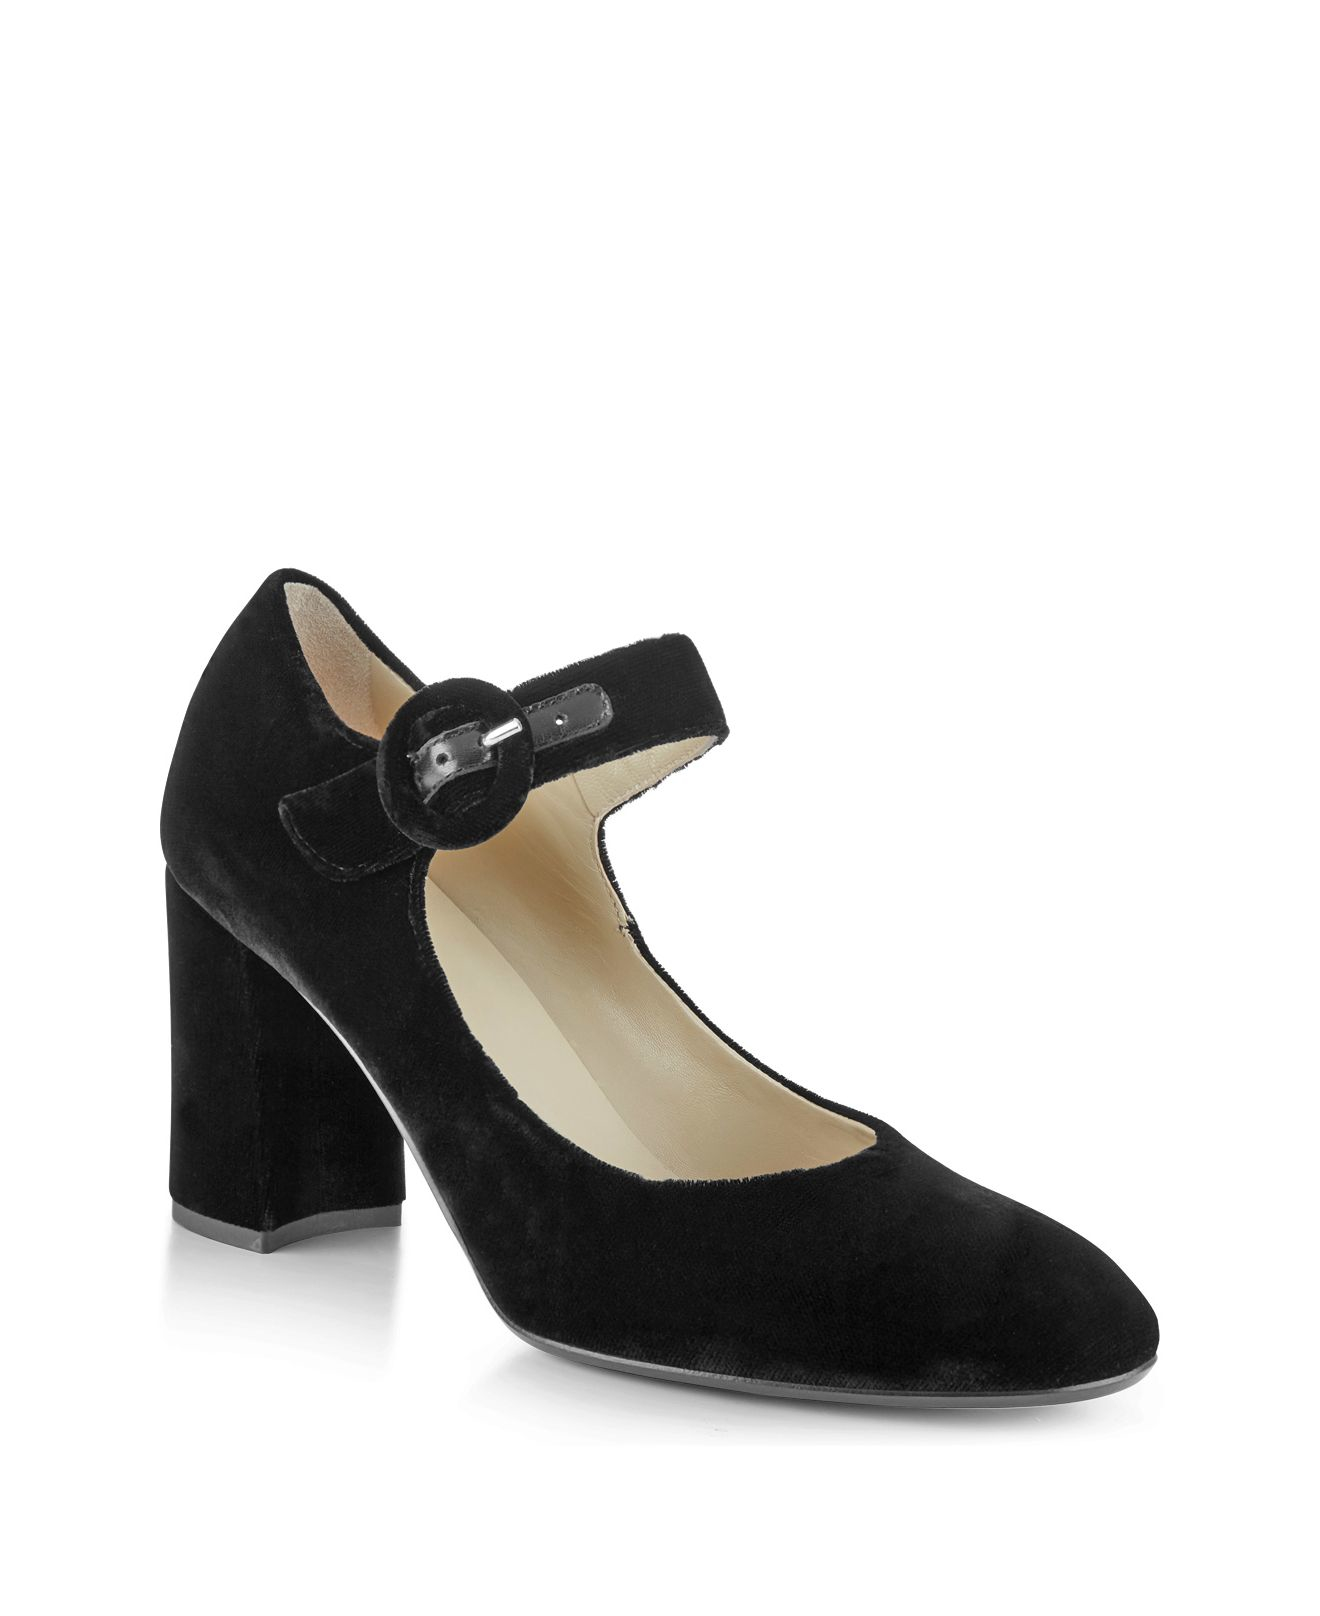 Mary Jane Court Shoes Uk